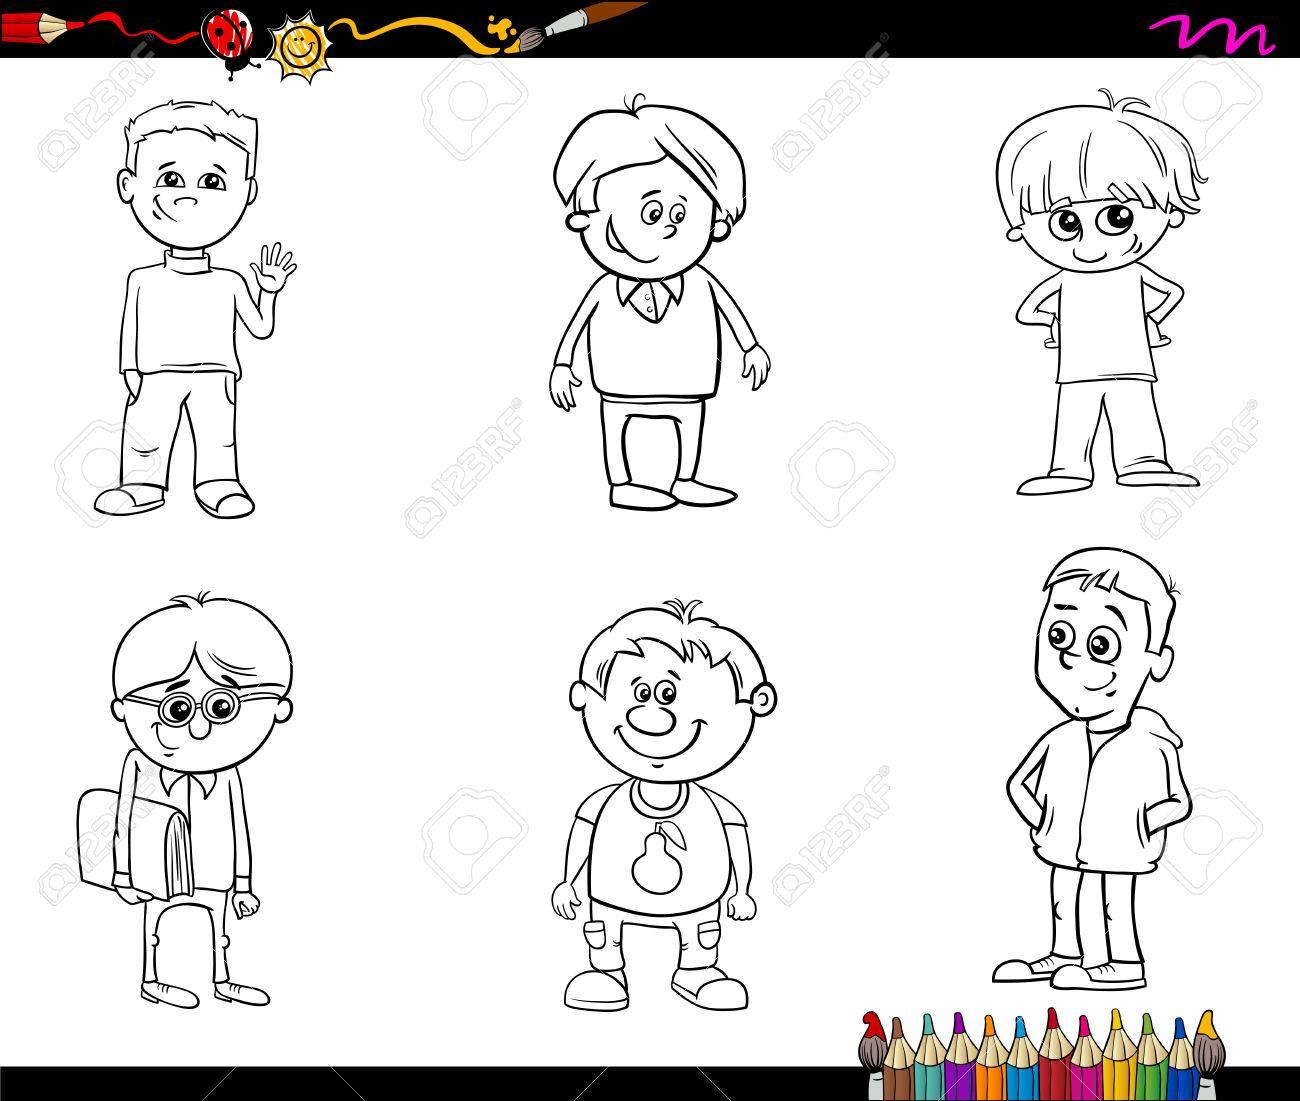 Dibujos Animados De Blanco Y Negro Ilustración De La Escuela O Pre Escolar Niños Personaje Infantil Set Para Colorear Libro